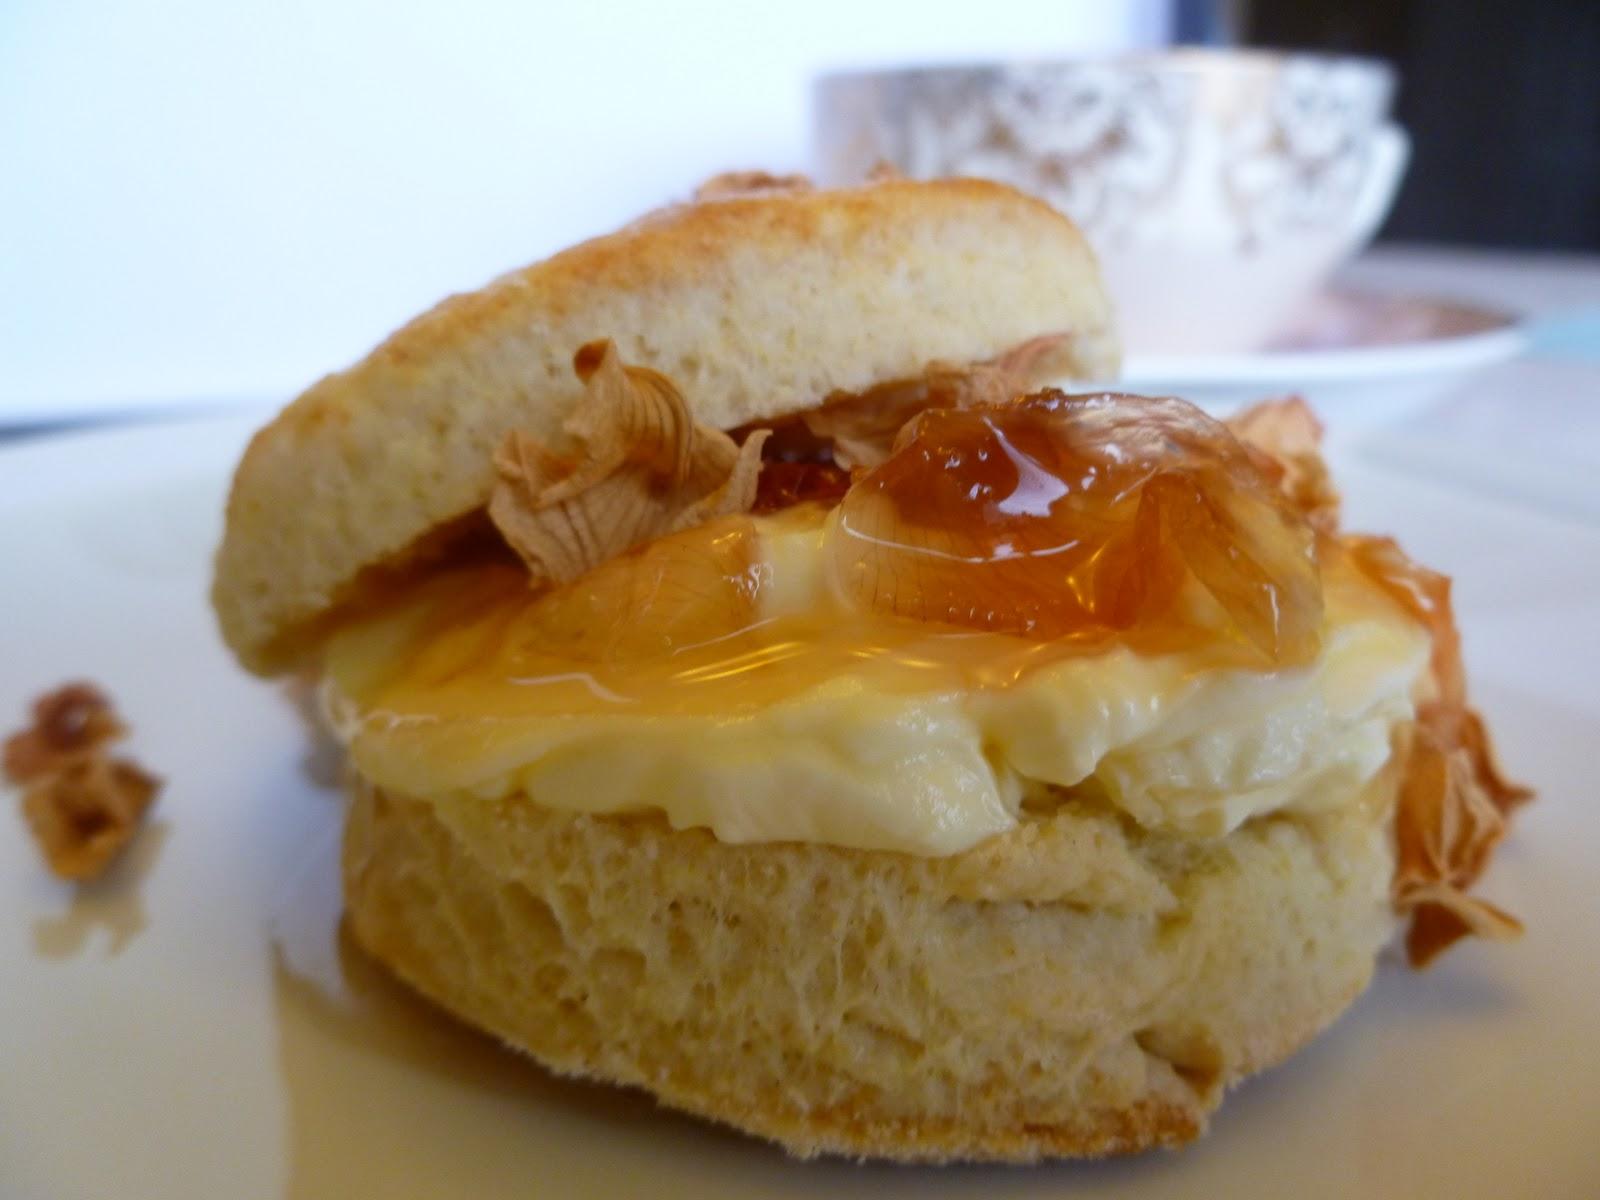 ... Lemon Drops: Classic Scones with Clotted Cream & Wild Rose Petal Jam